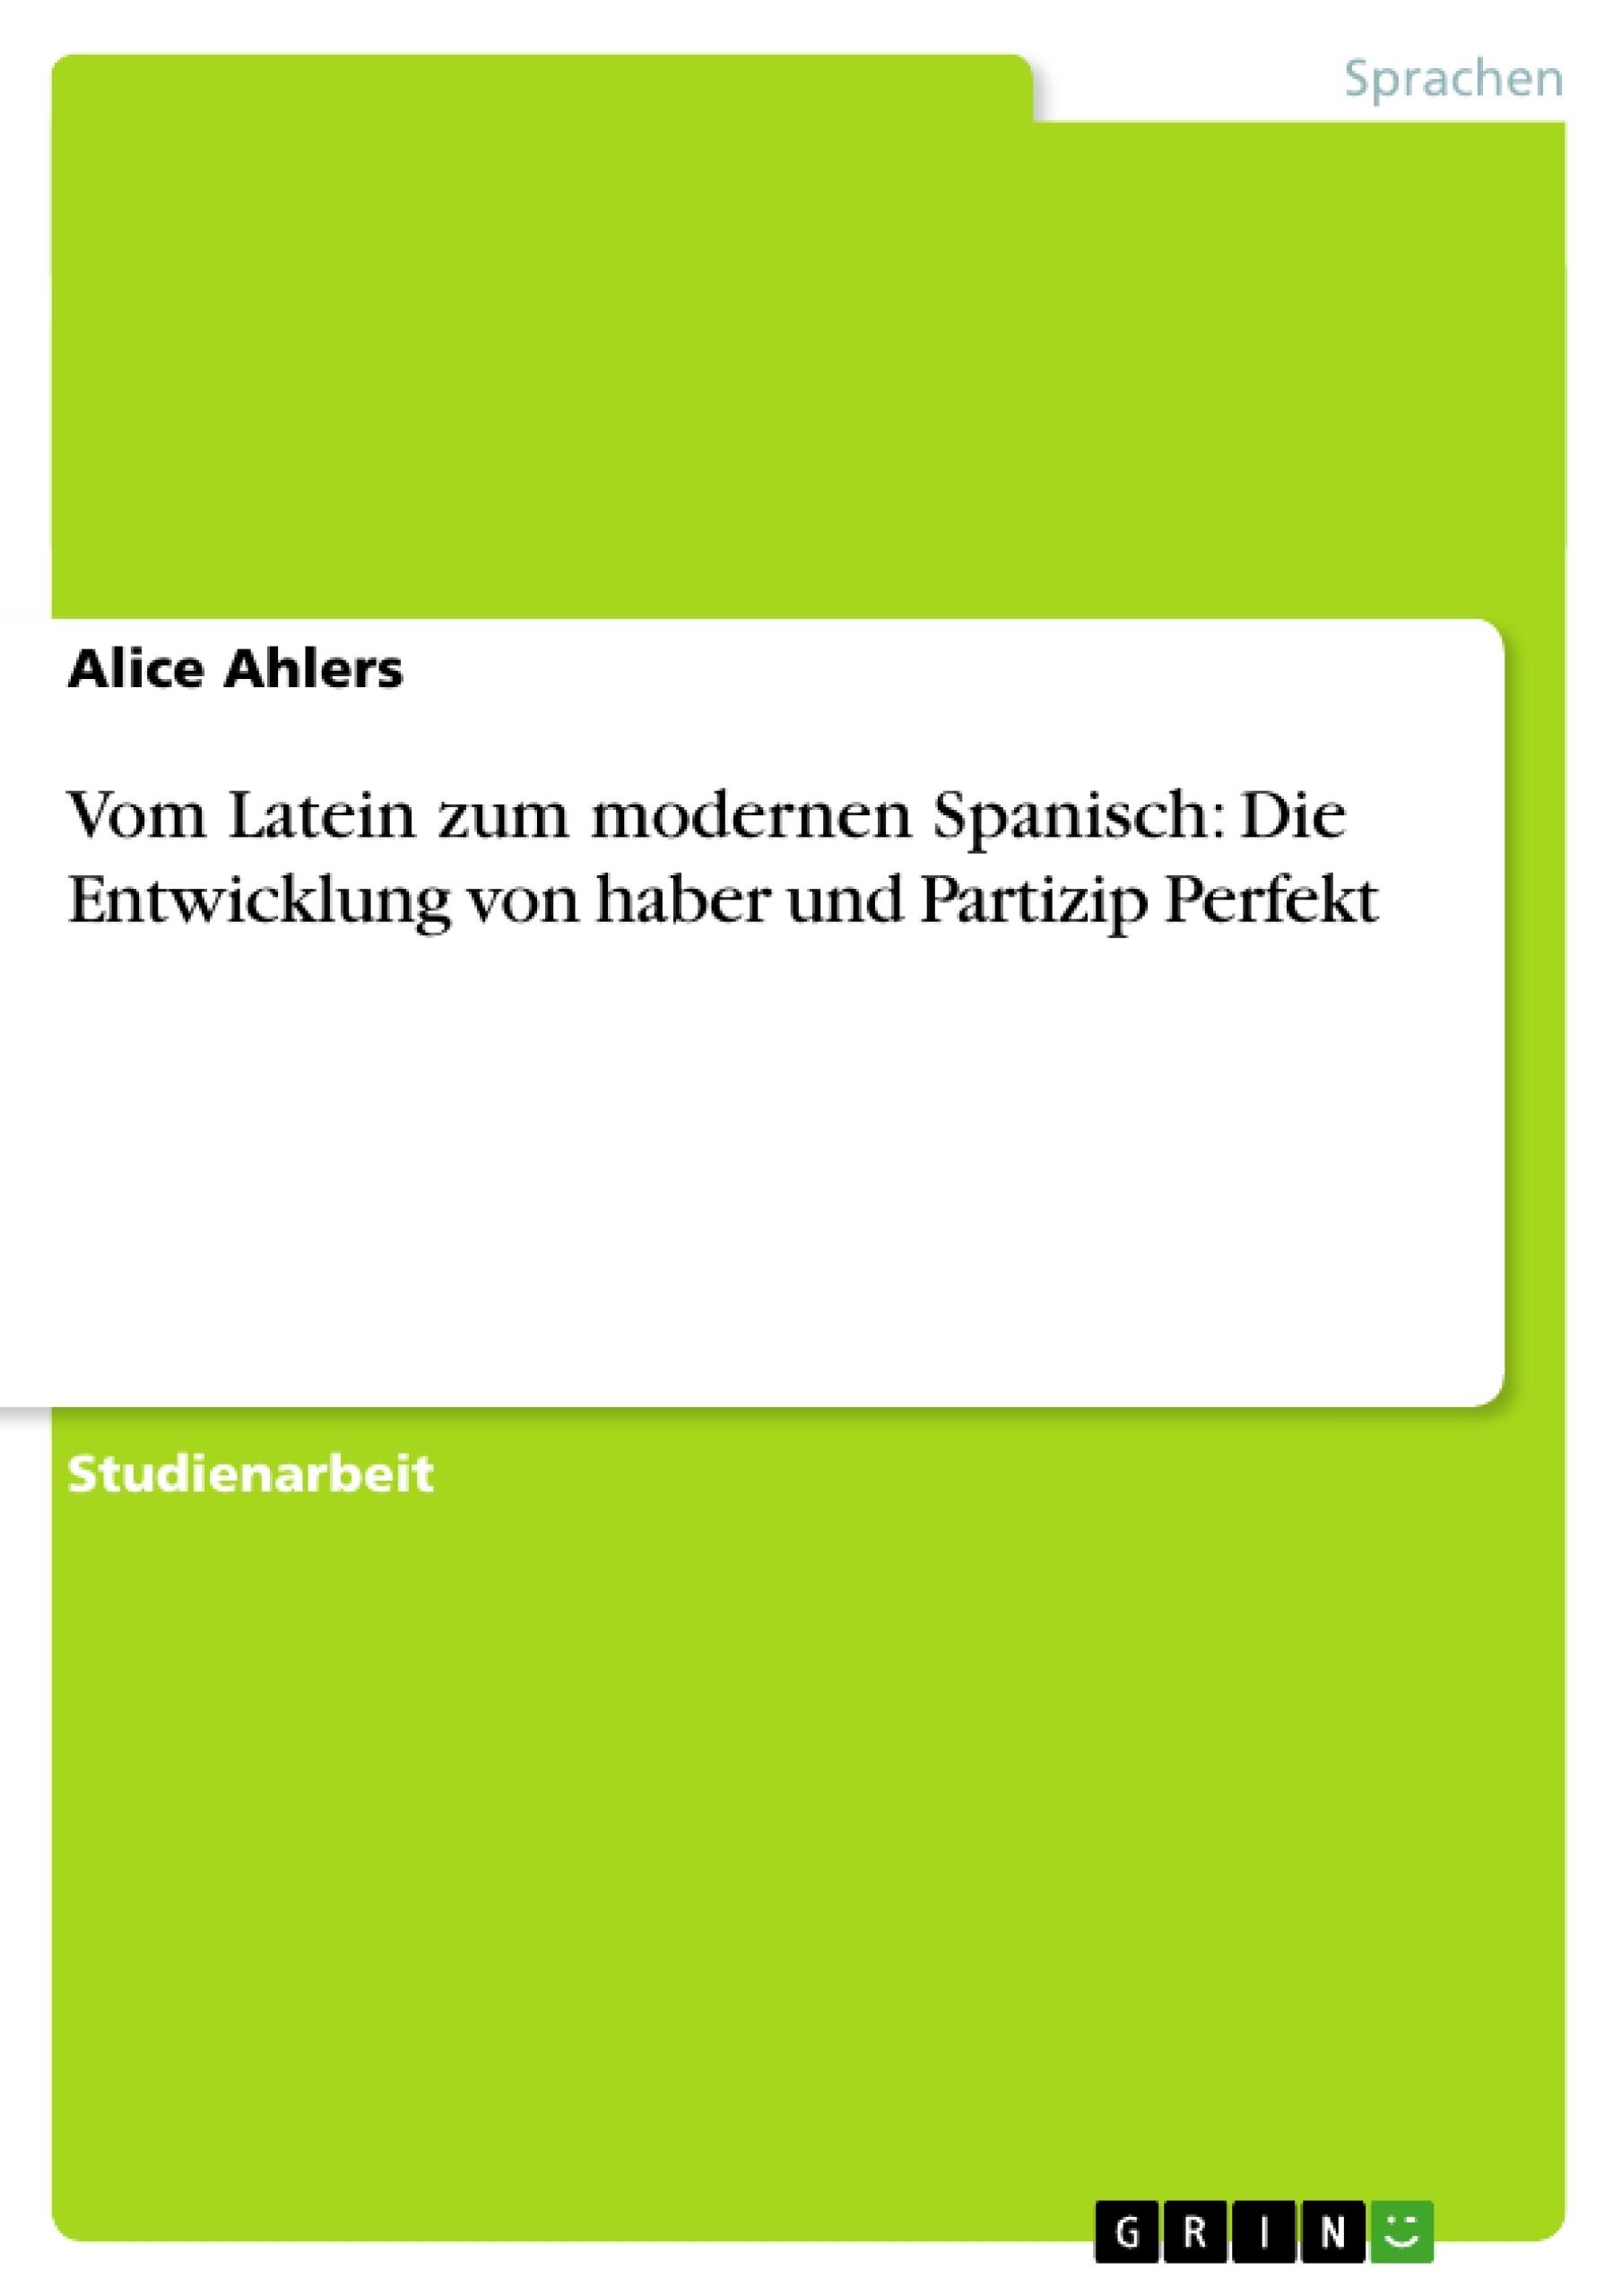 Titel: Vom Latein zum modernen Spanisch: Die Entwicklung von haber und Partizip Perfekt